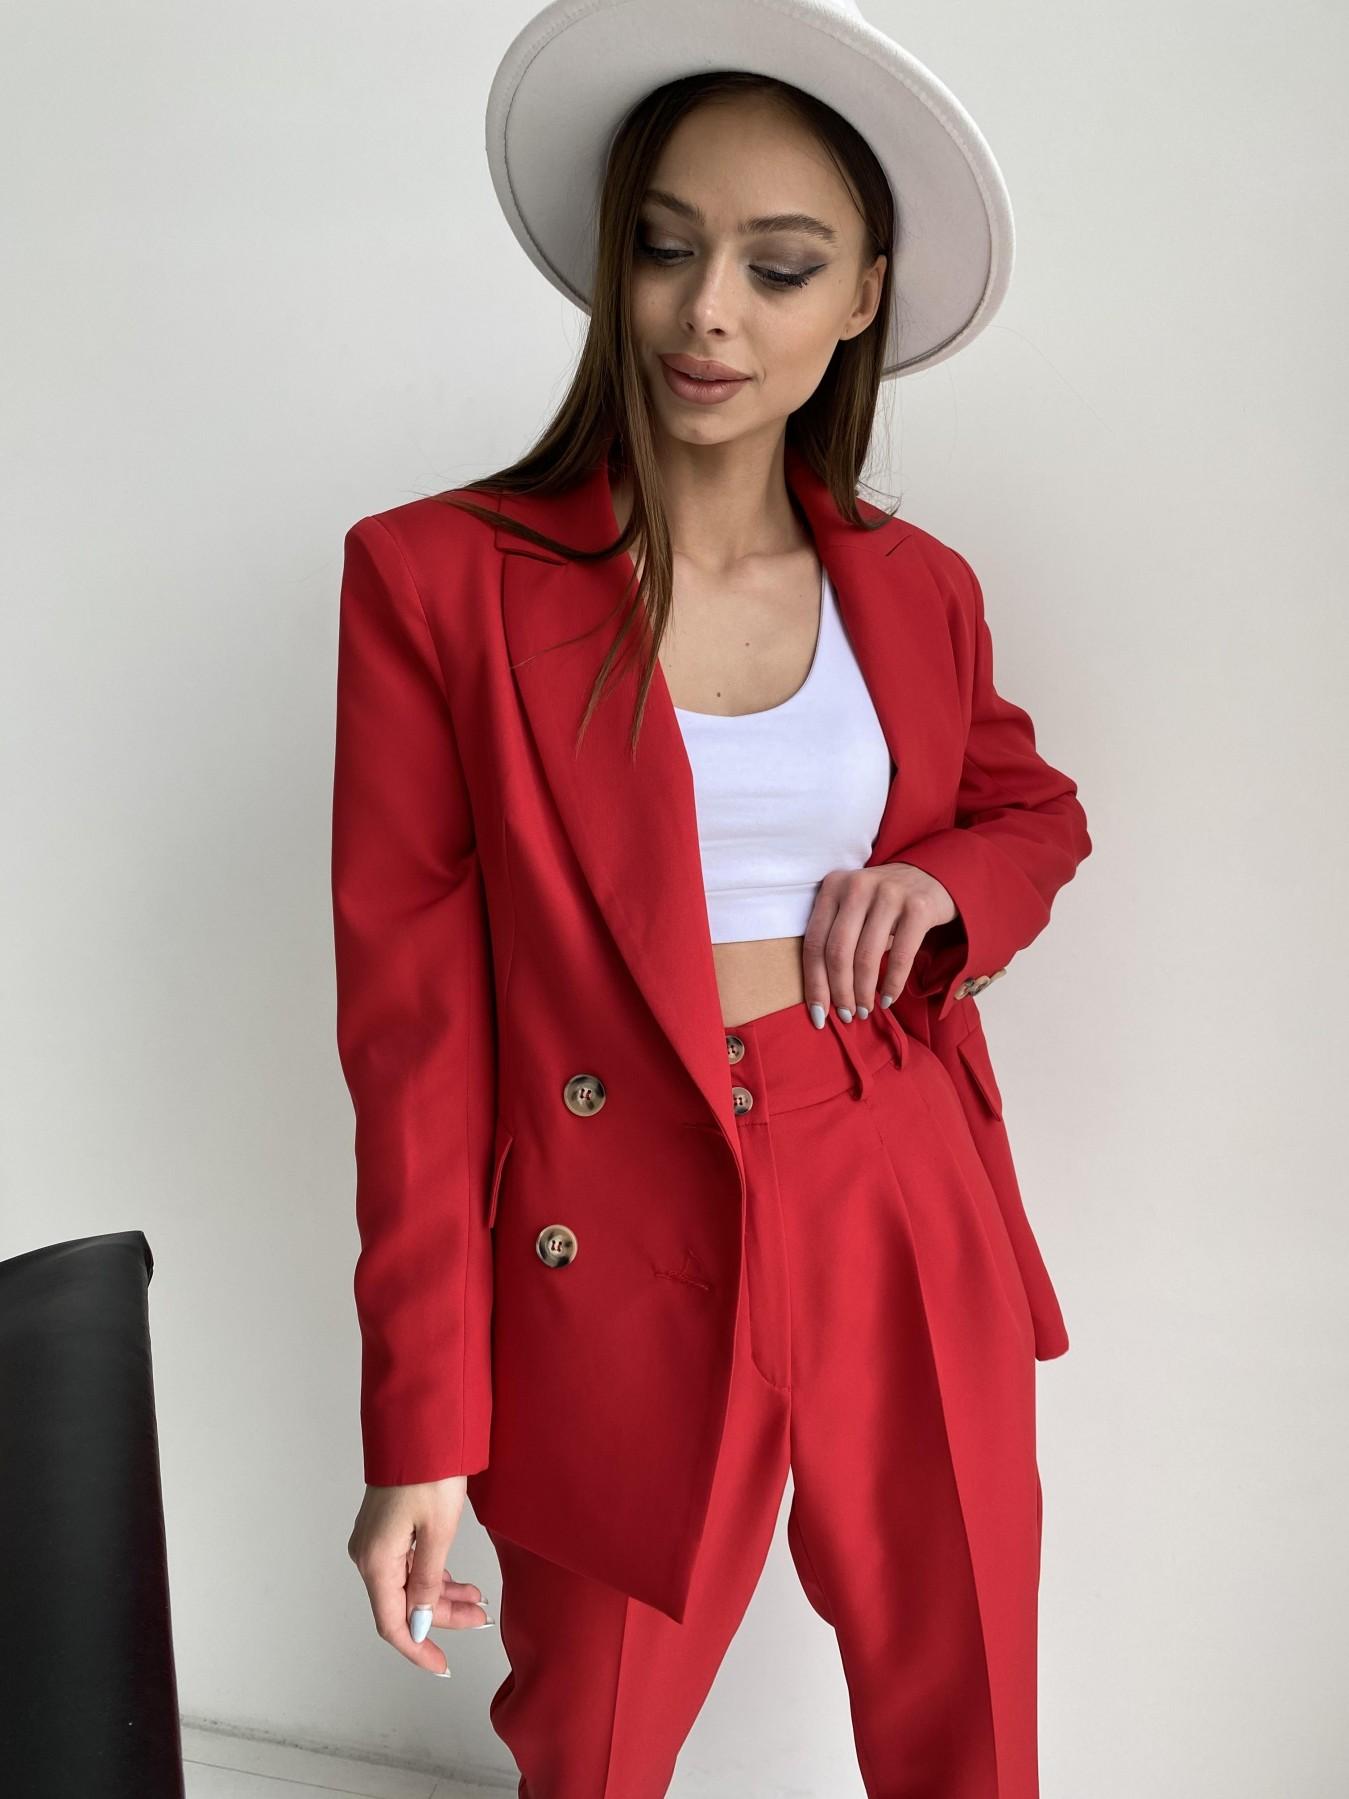 Франко костюм из костюмной ткани 11090 АРТ. 47798 Цвет: Красный - фото 12, интернет магазин tm-modus.ru